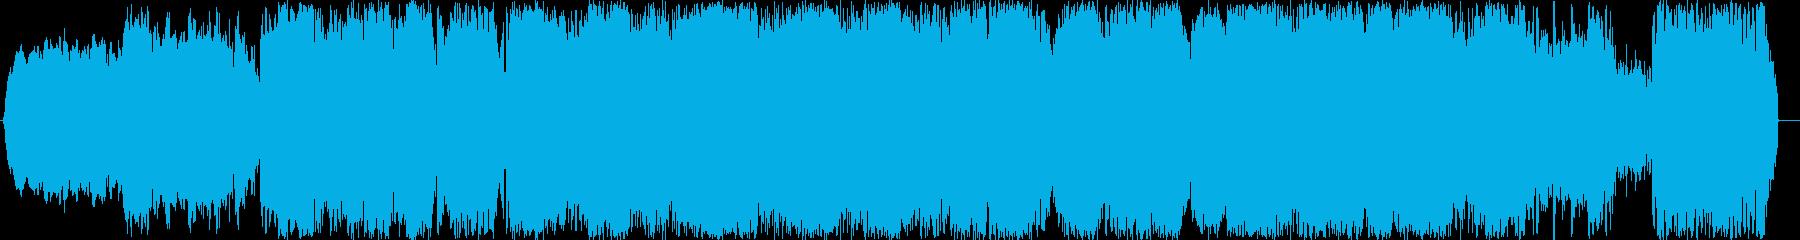 戦いをイメージして制作しました。の再生済みの波形